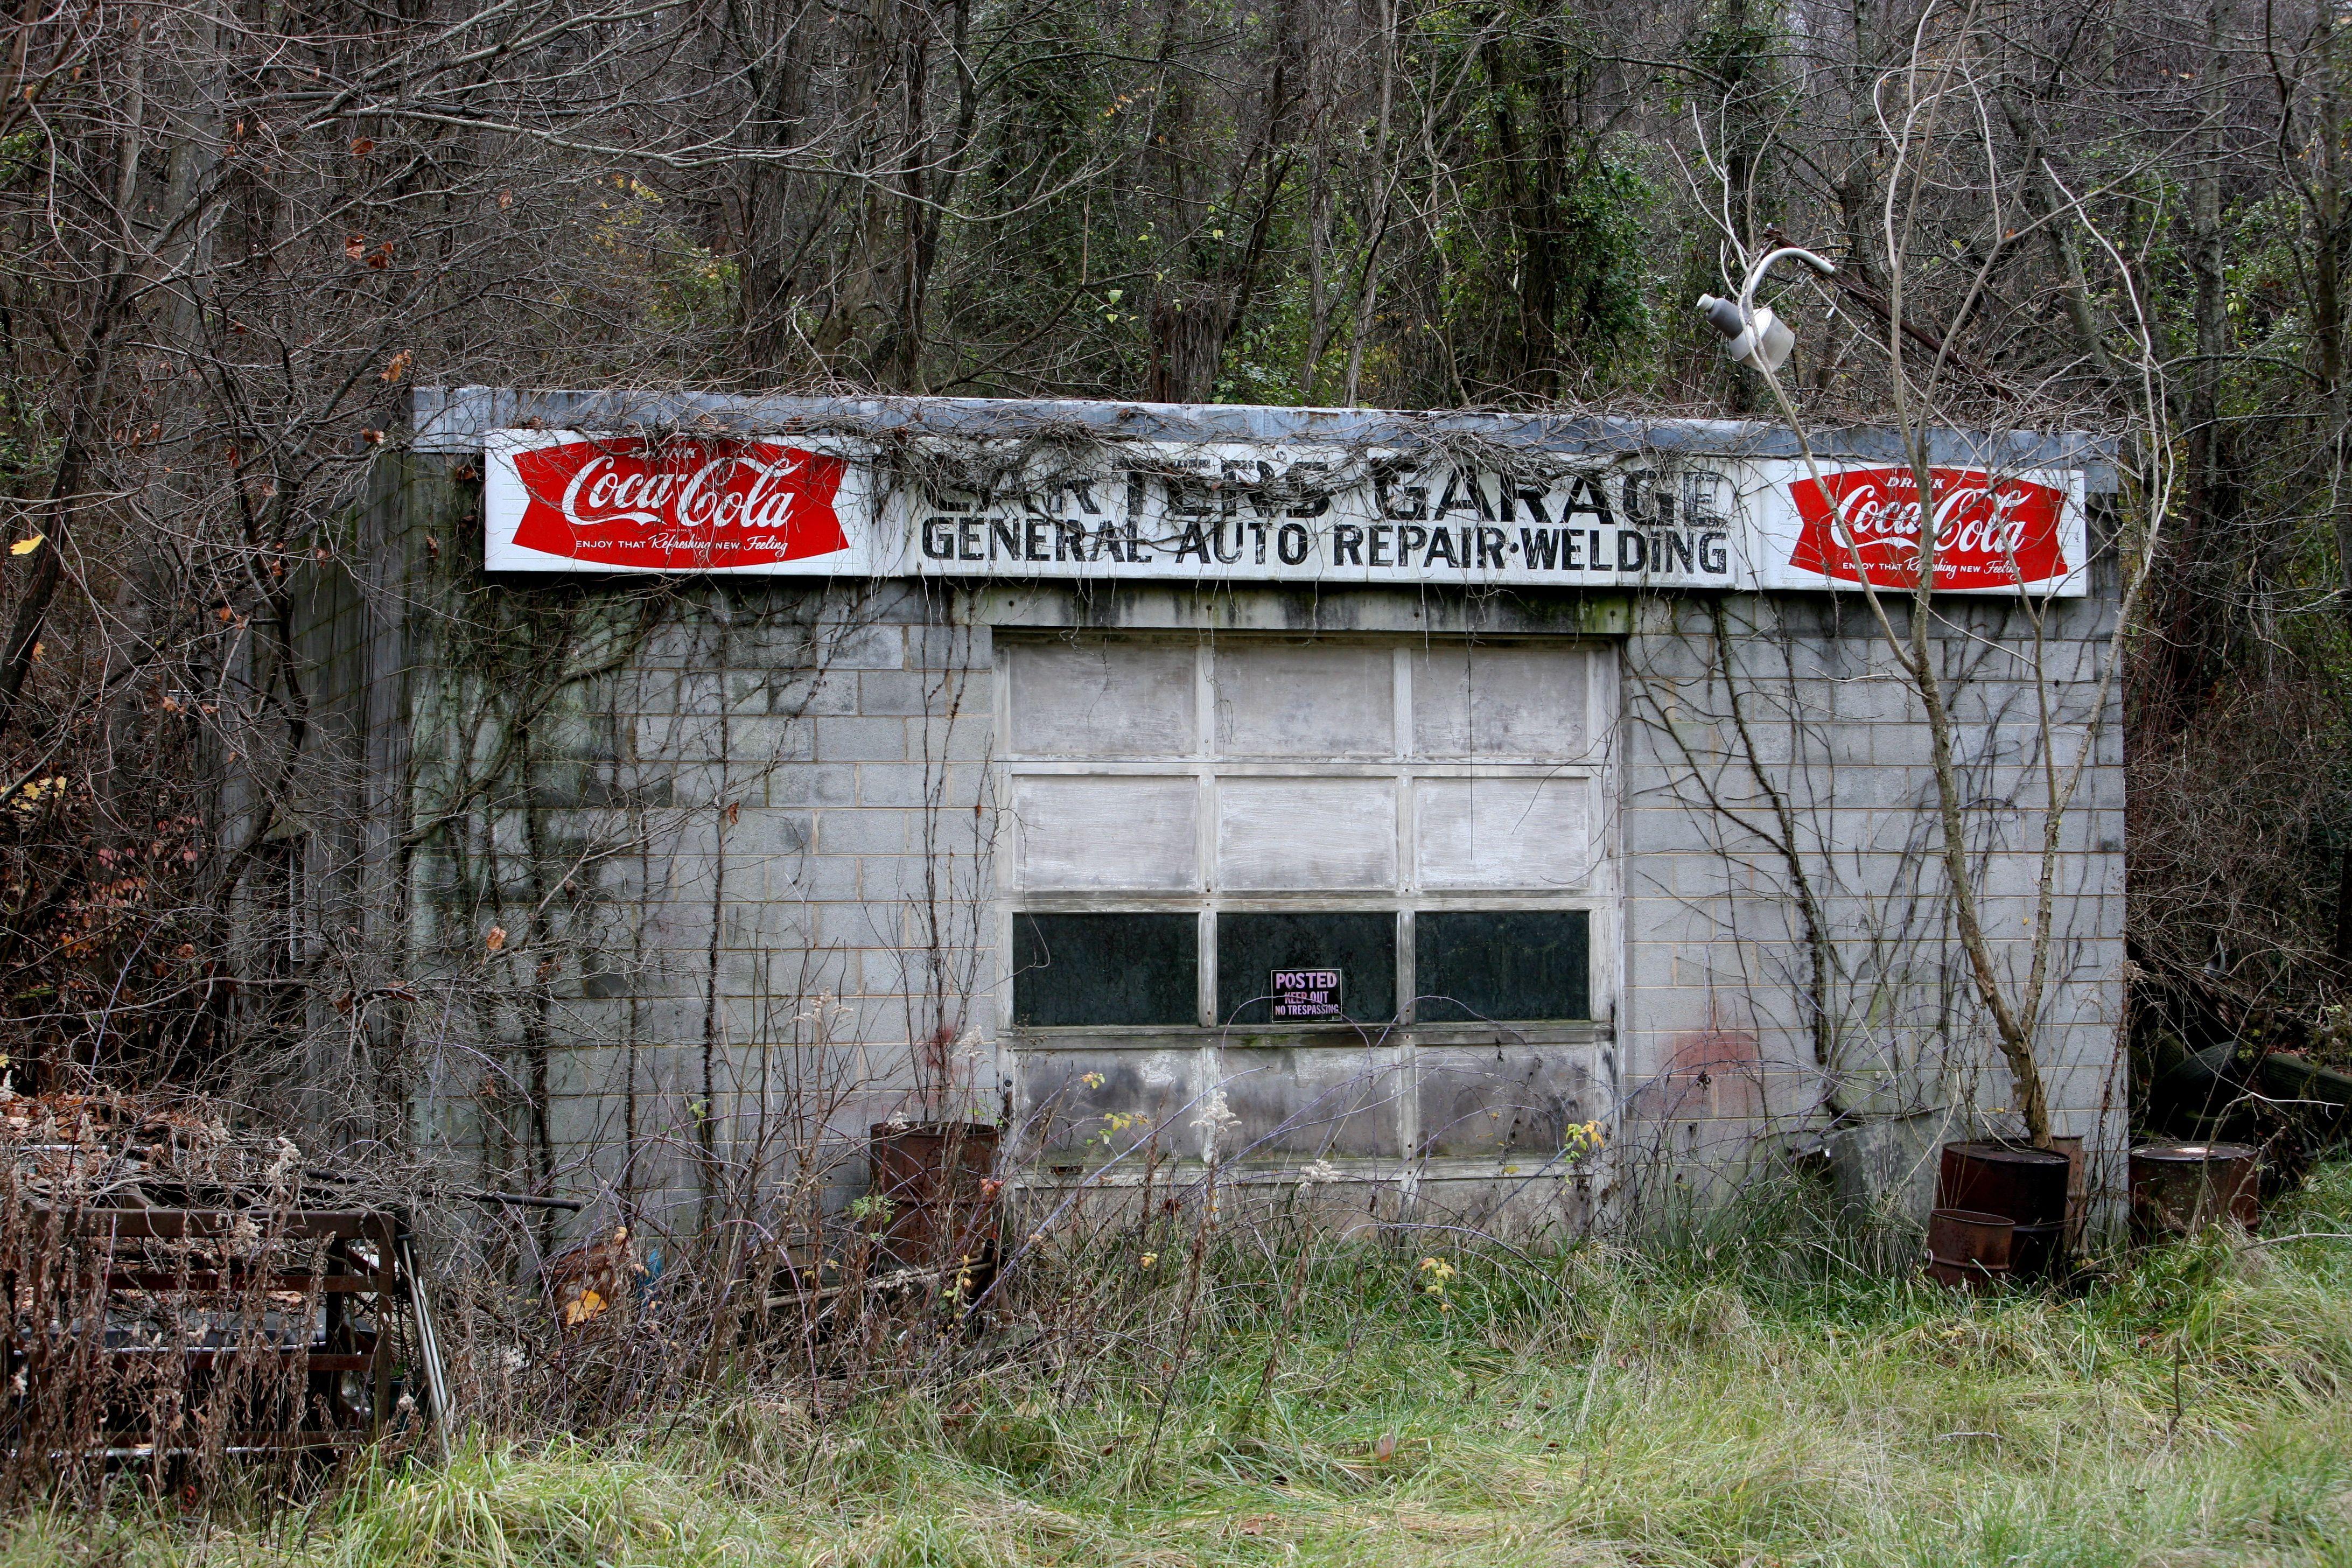 Vinyl Two Car Garage For Sale In Virginia And West Virginia: Autorepair-hardy-va.jpg (4368×2912)